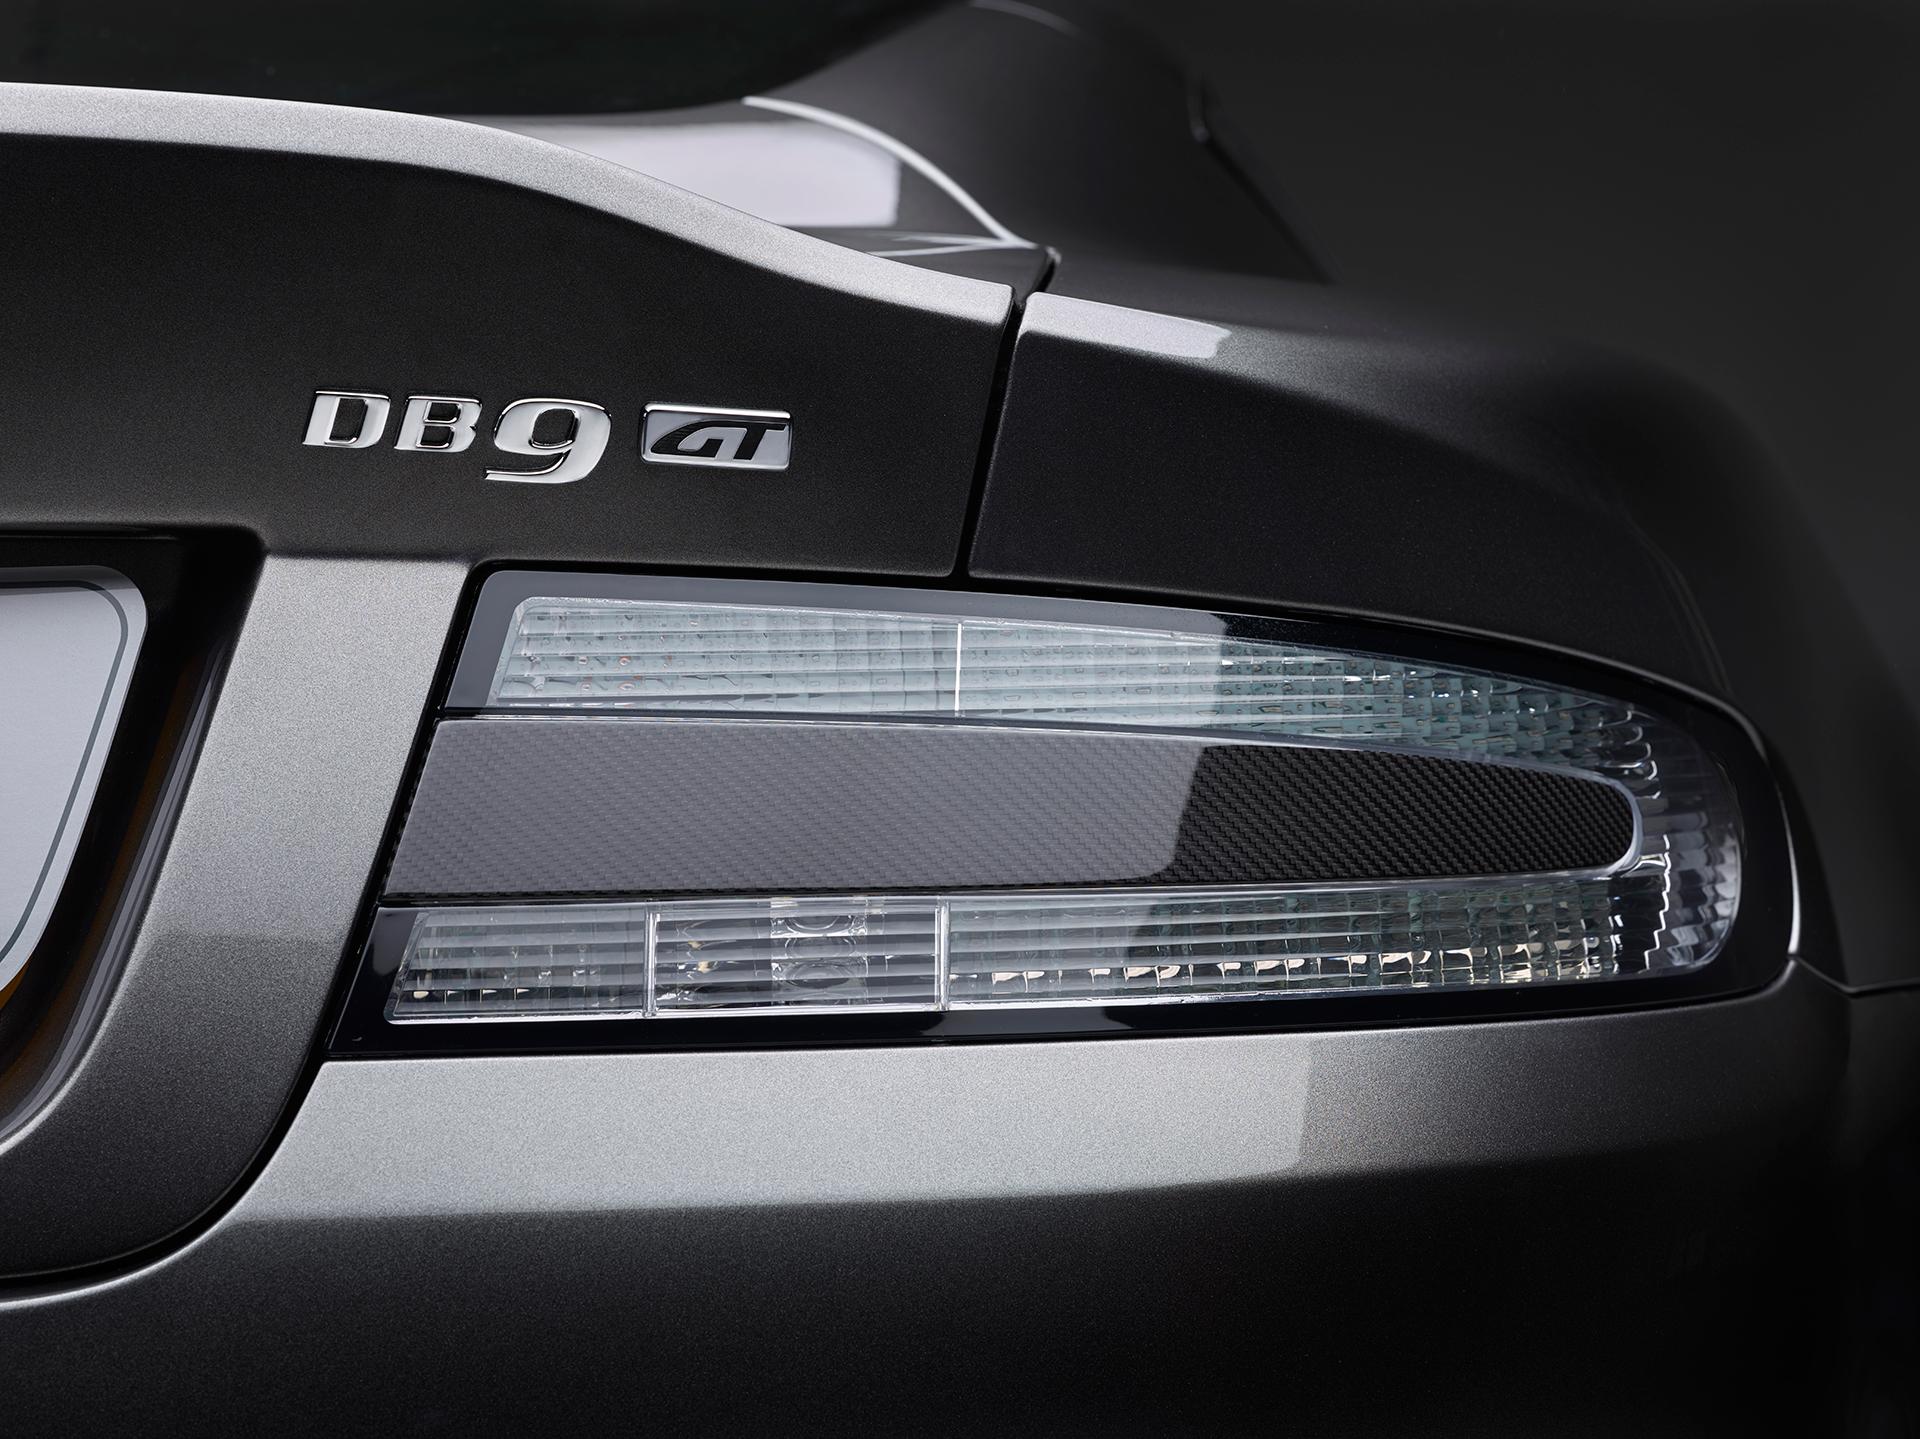 Aston Martin DB9 GT - 2015